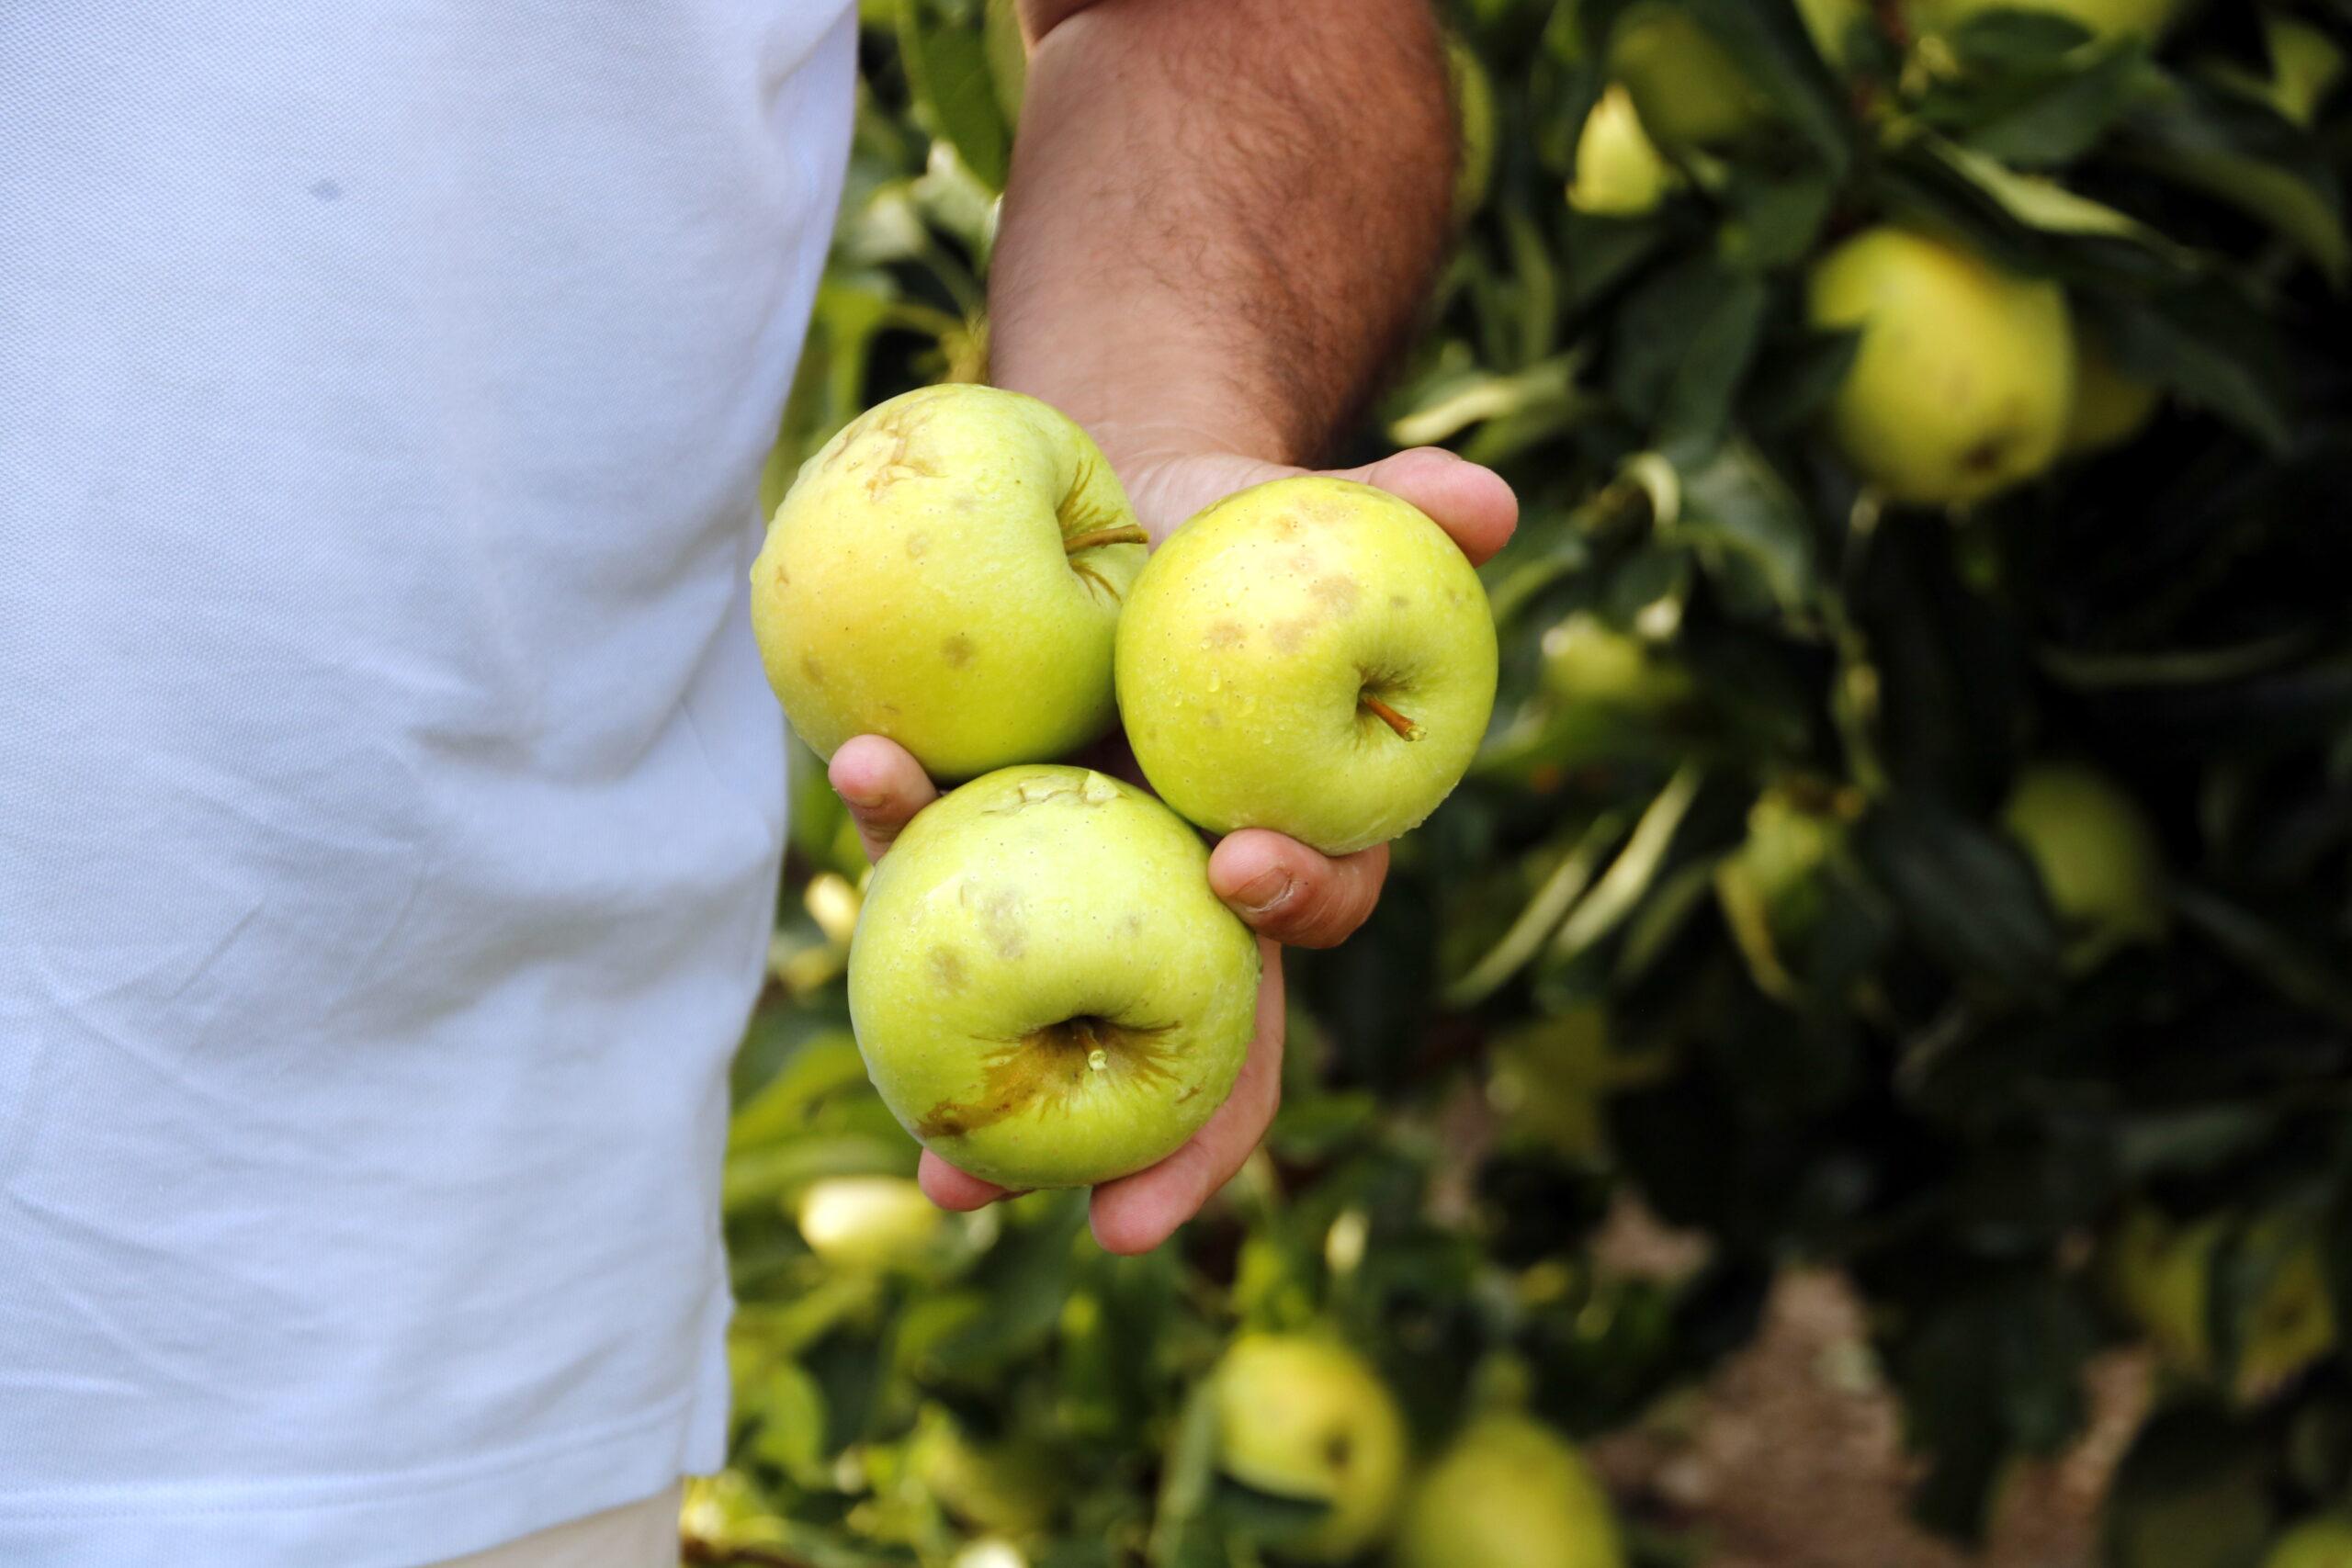 Pla mitjà on es poden veure tres pomes danyades per la pedra en una explotació de Vila-sana, el 27 d'agost de 2019. (Horitzontal)